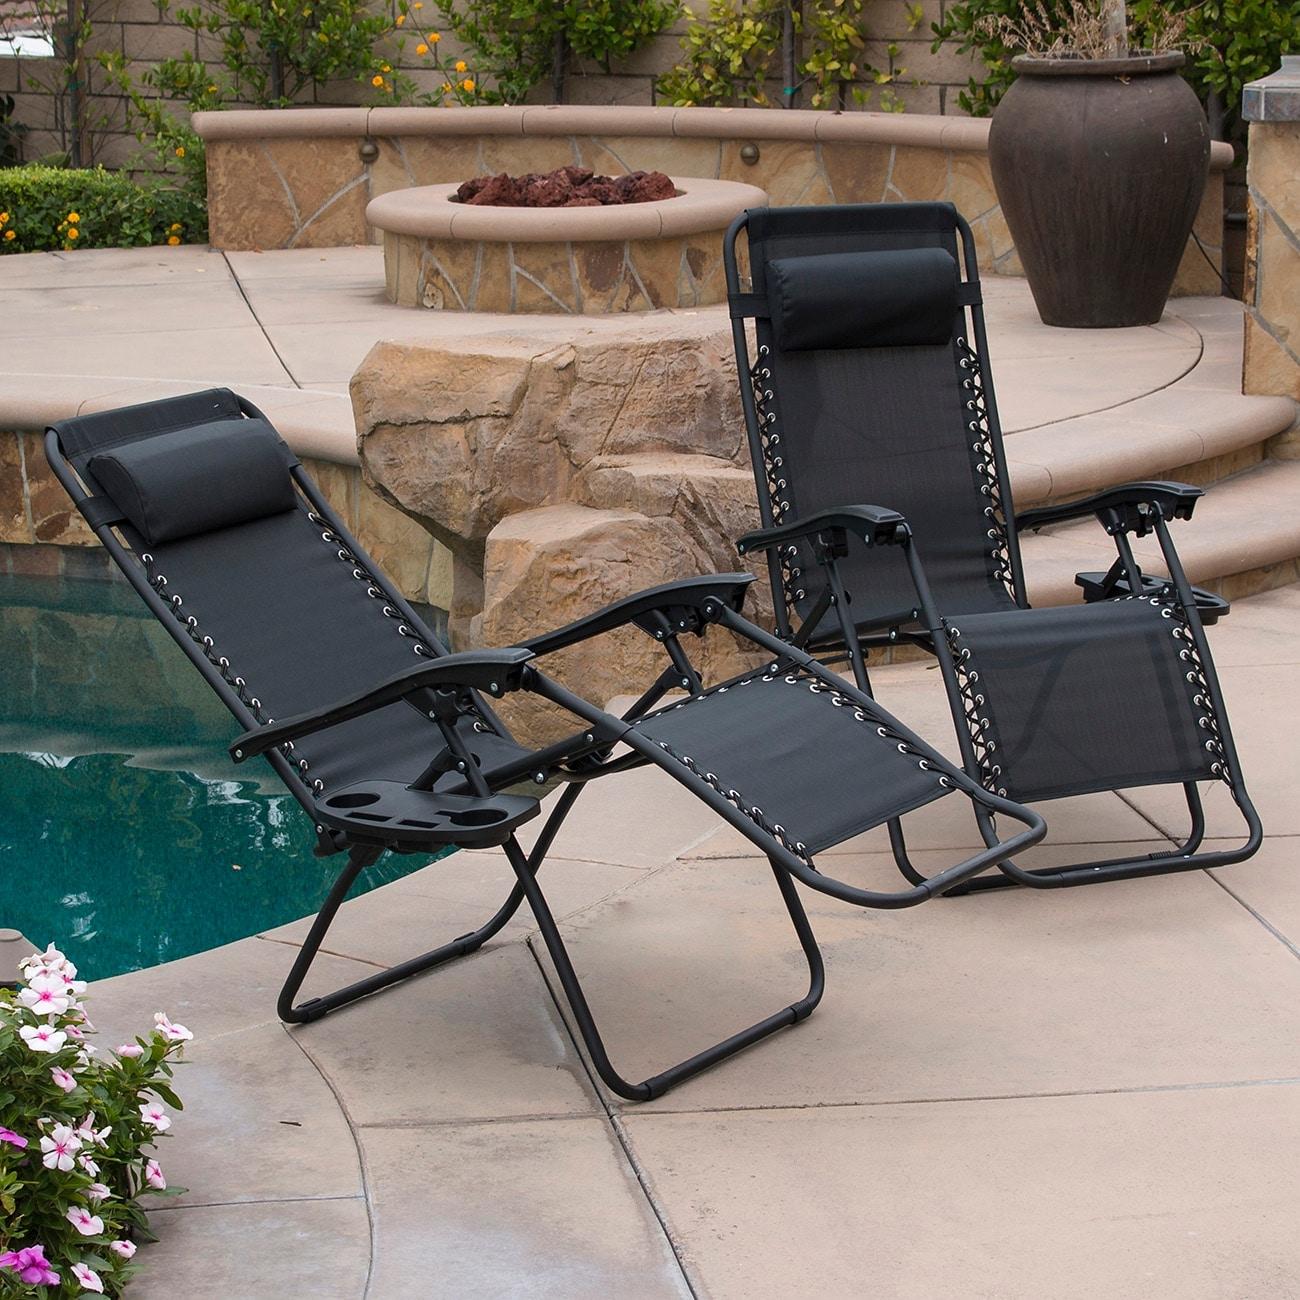 2 Zero Gravity Lounge Chairs Tan Recline Folding Portable